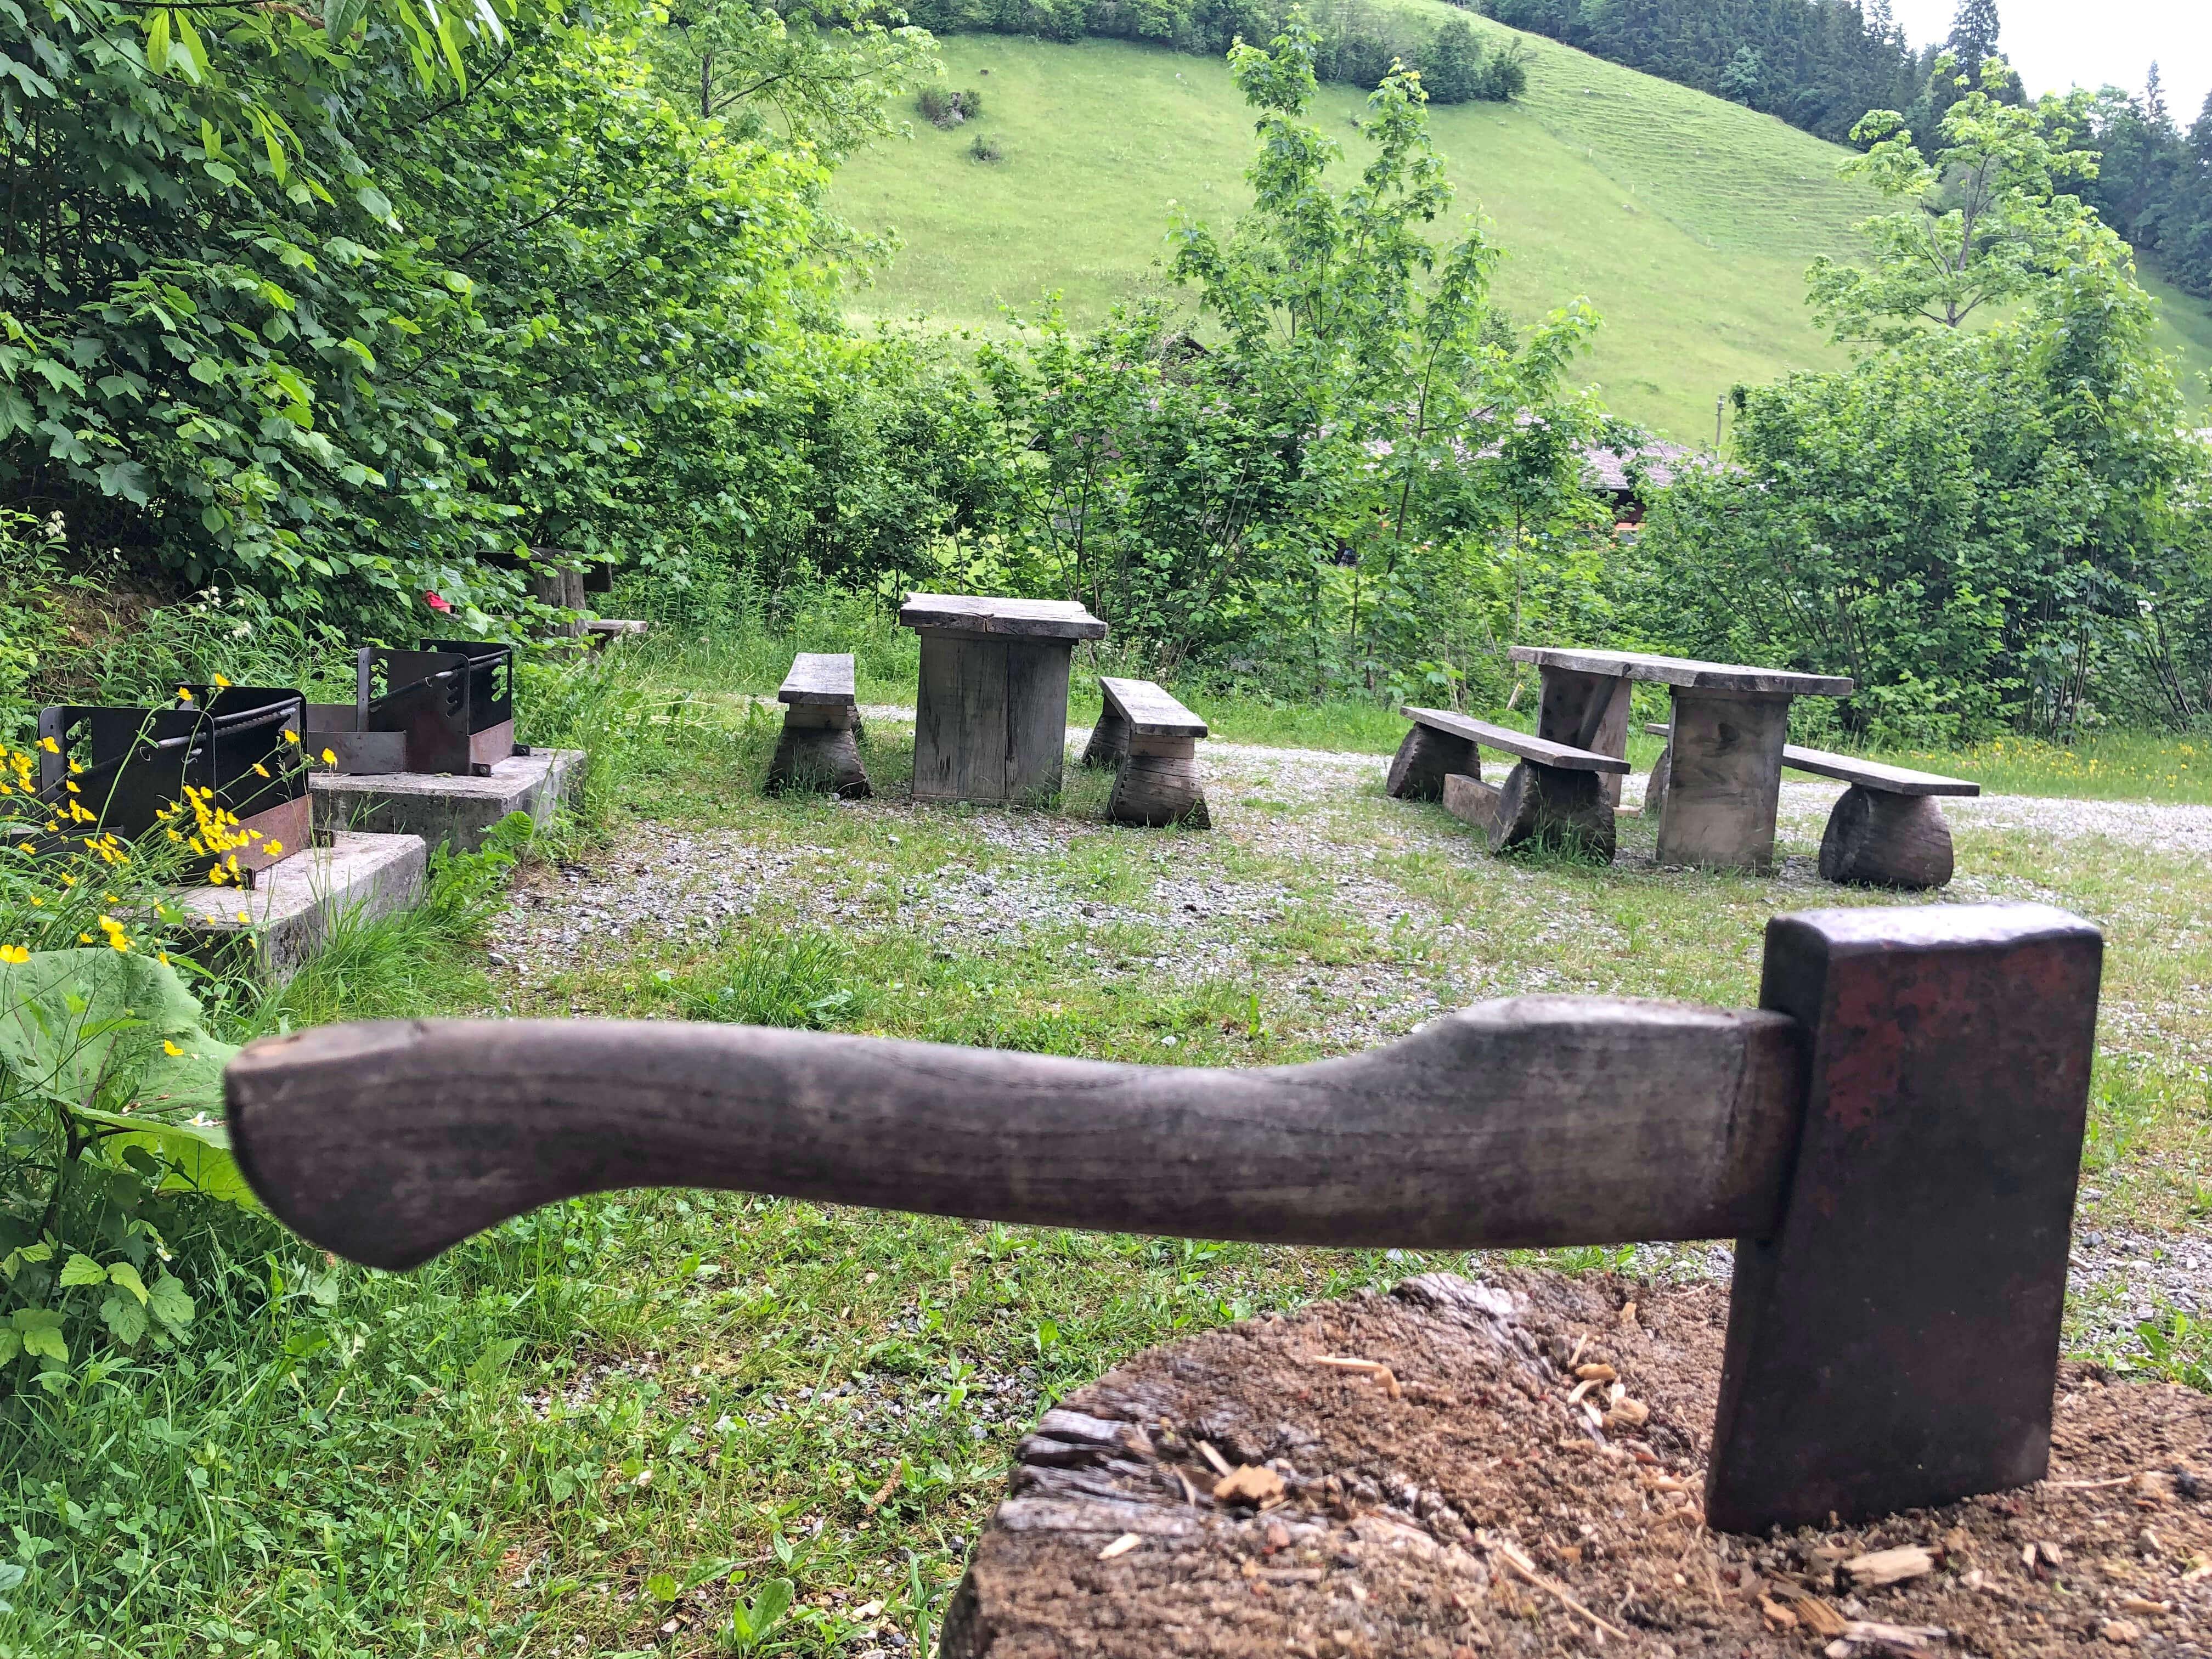 Werkzeug fürs Grillholz ist auch vorhanden